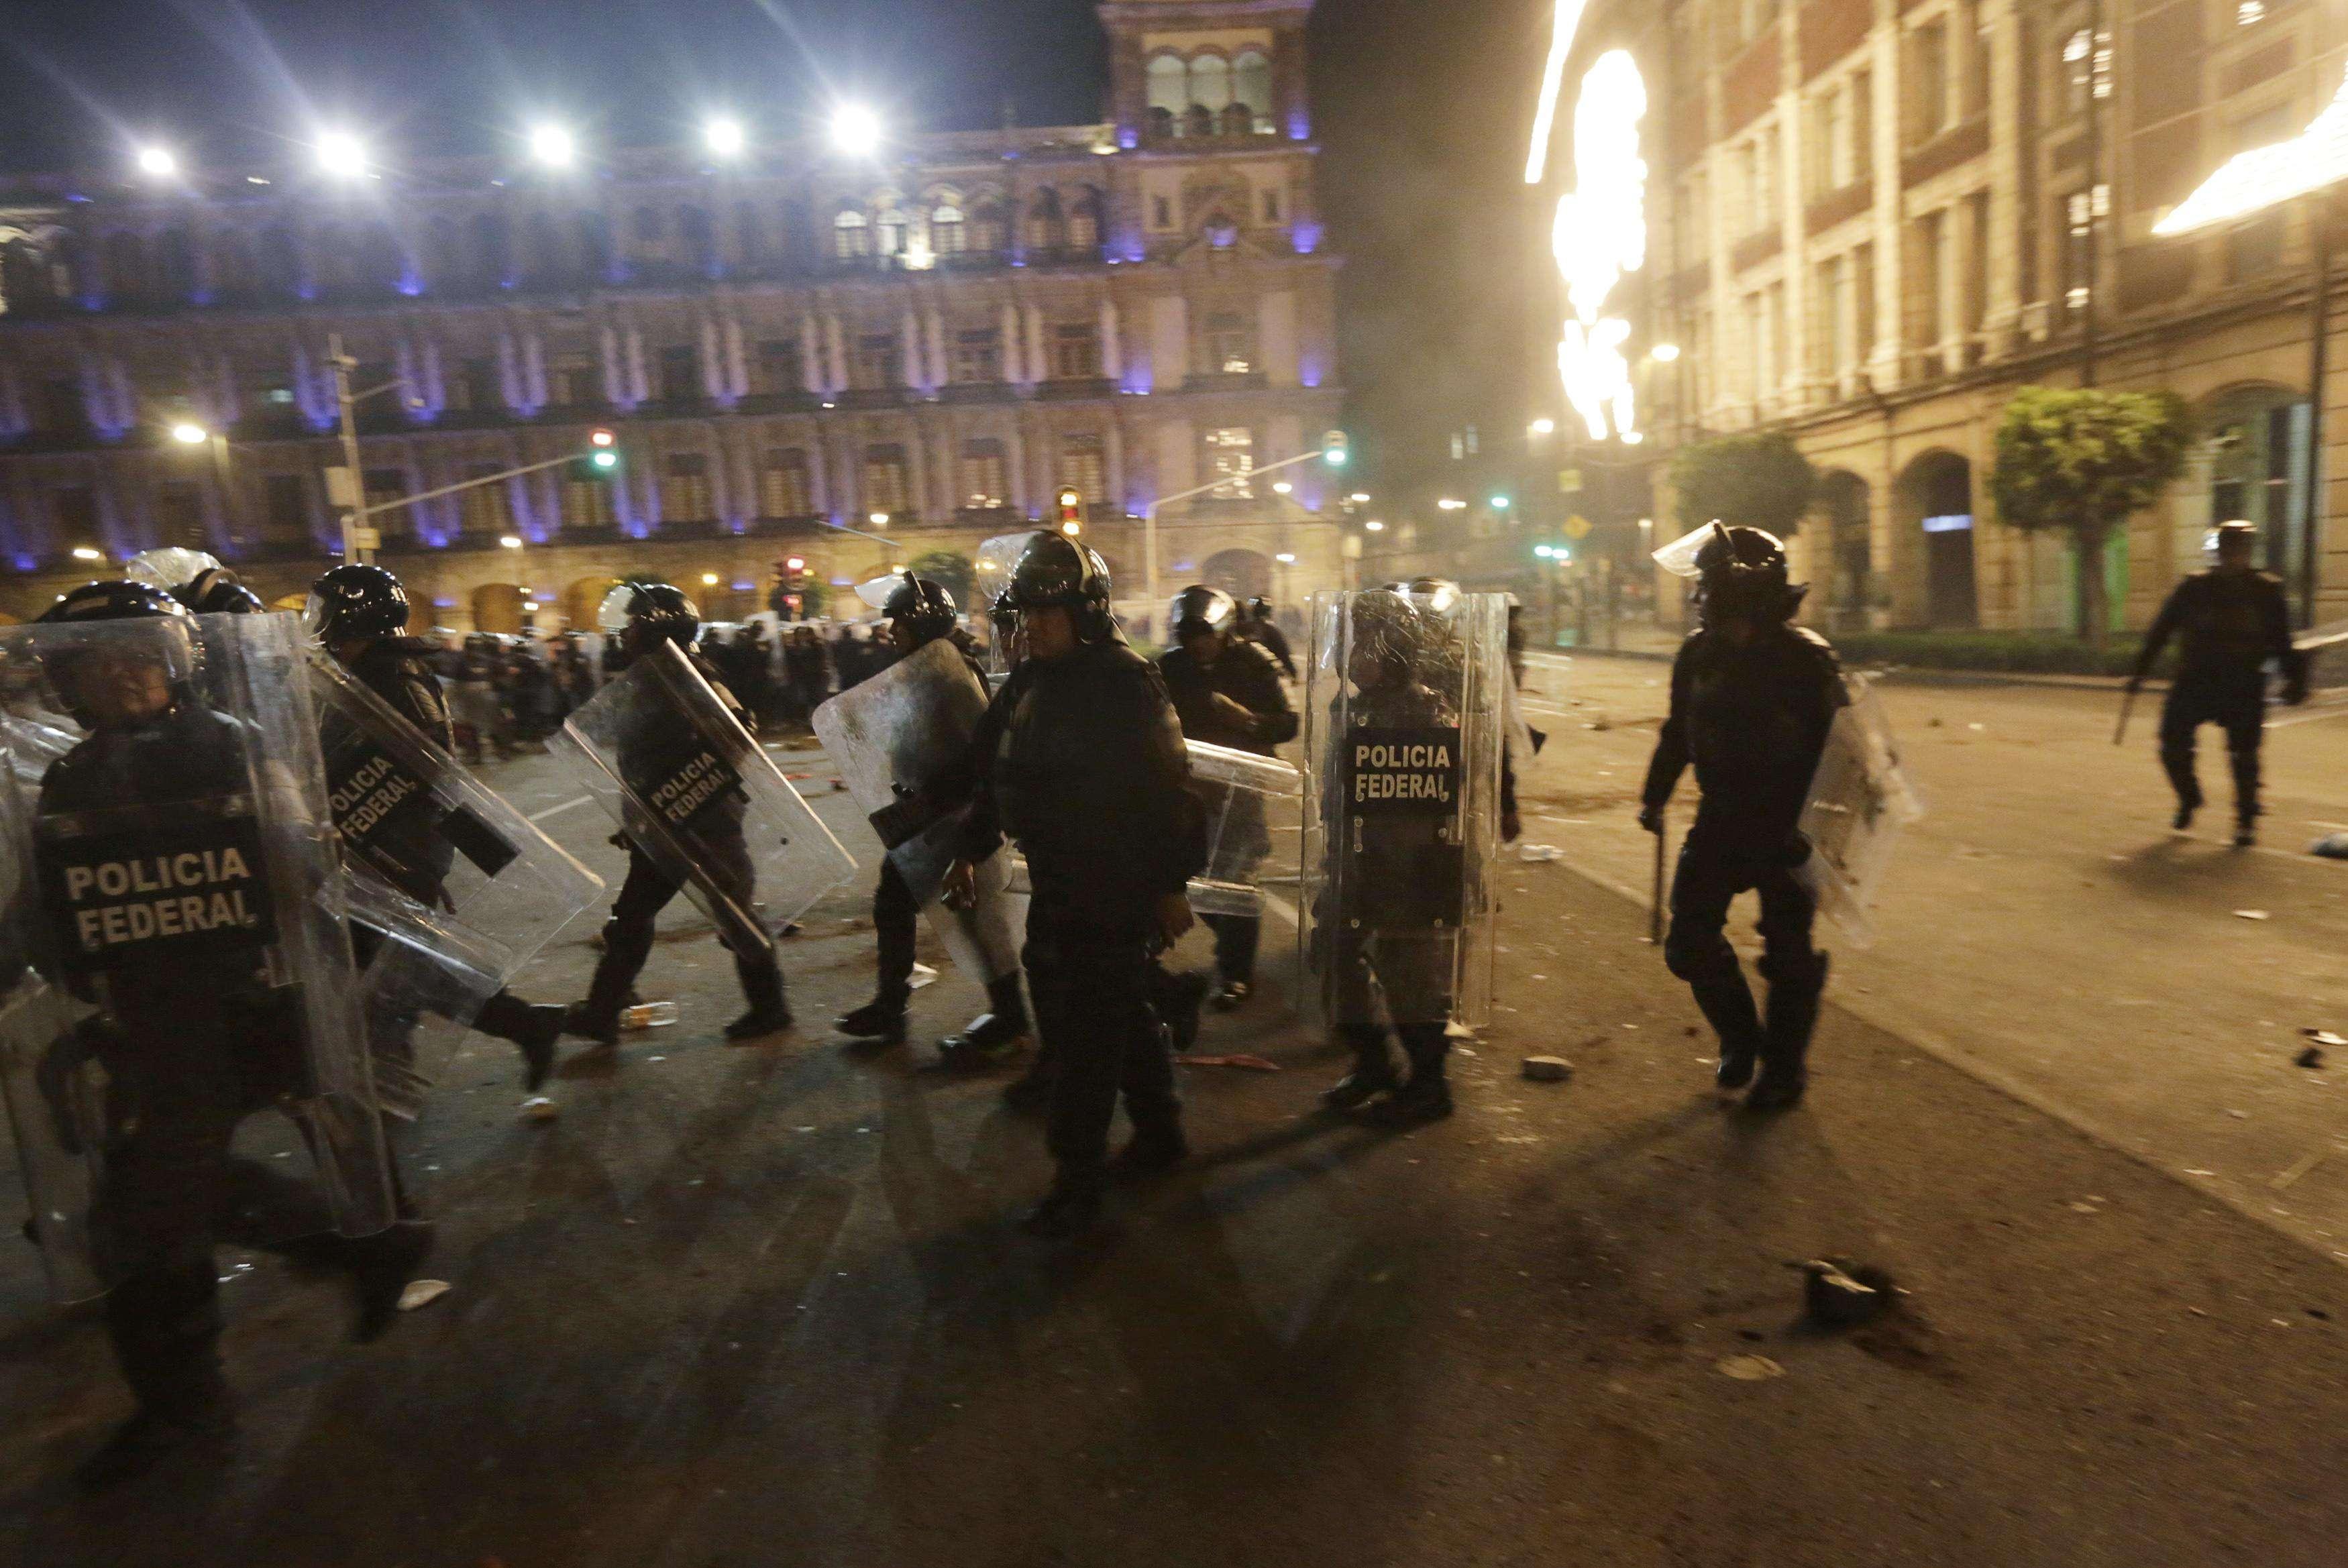 Grupos de manifestantes chocaron con policías antidisturbios en el histórico centro de Ciudad de México, al final de una marcha masiva para protestar por la desaparición de 43 estudiantes que ha causado indignación en un país golpeado por la violencia del narcotráfico. En la imagen, antidisturbios en el Zócalo en México DF el 20 de noviembre de 2014. Foto: Reuters en español